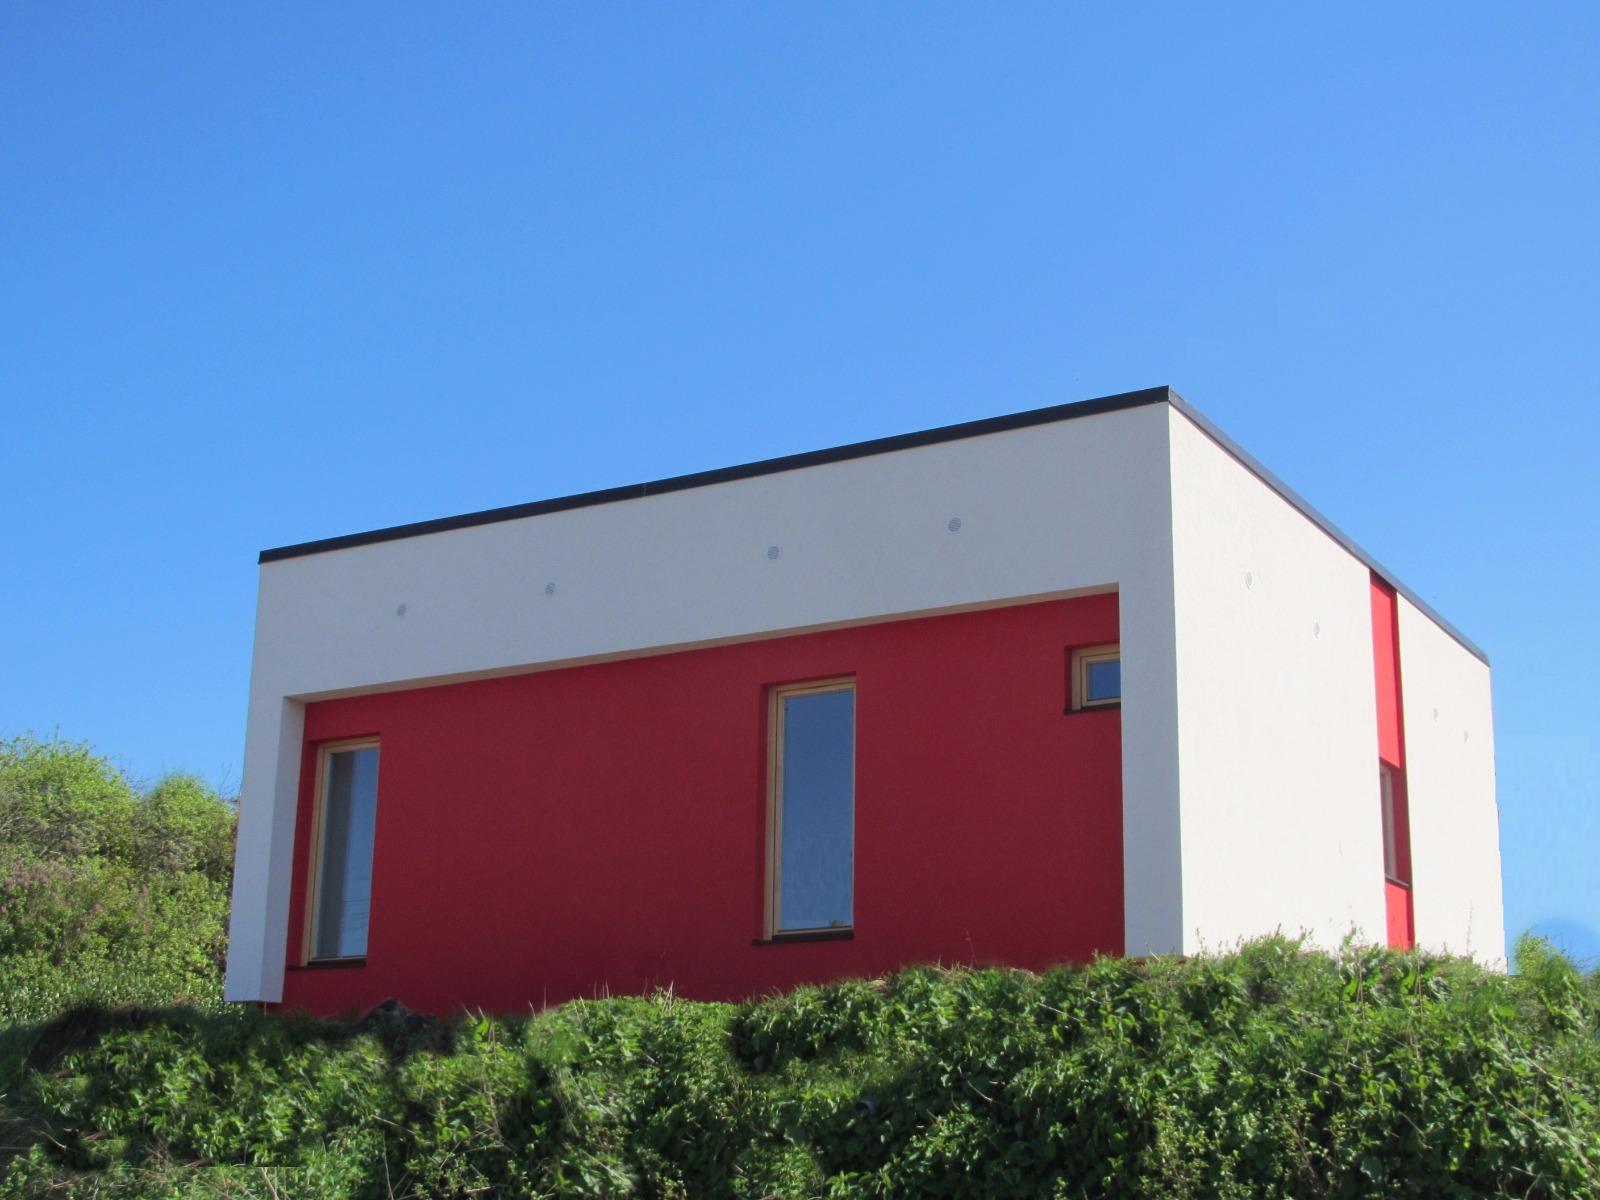 Maison neuve bois cheap prix maison neuve m maison neuve for Achat maison neuve